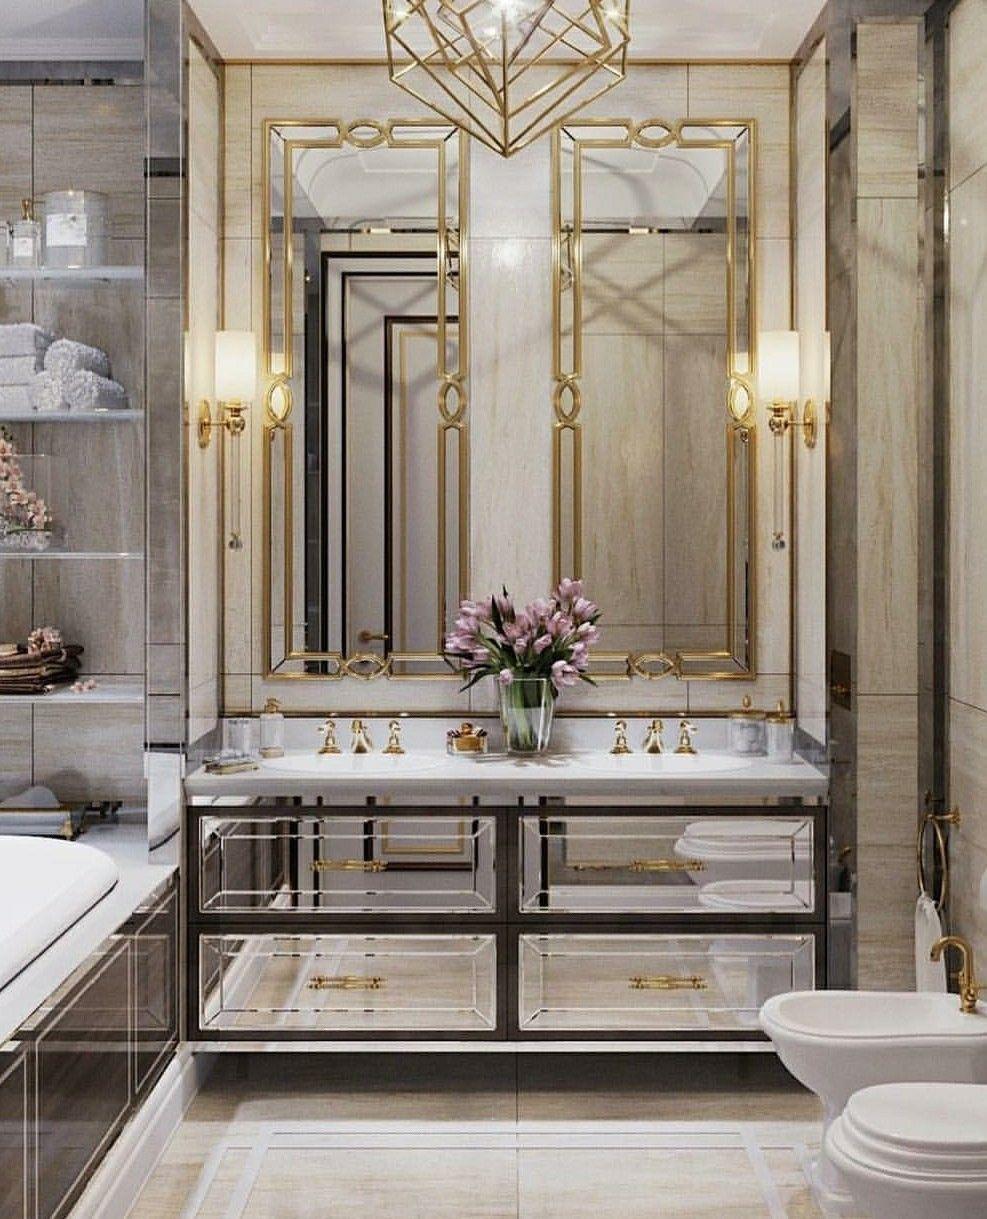 12 Ideen Fur Brillante Badezimmerleuchten In 2020 Stylish